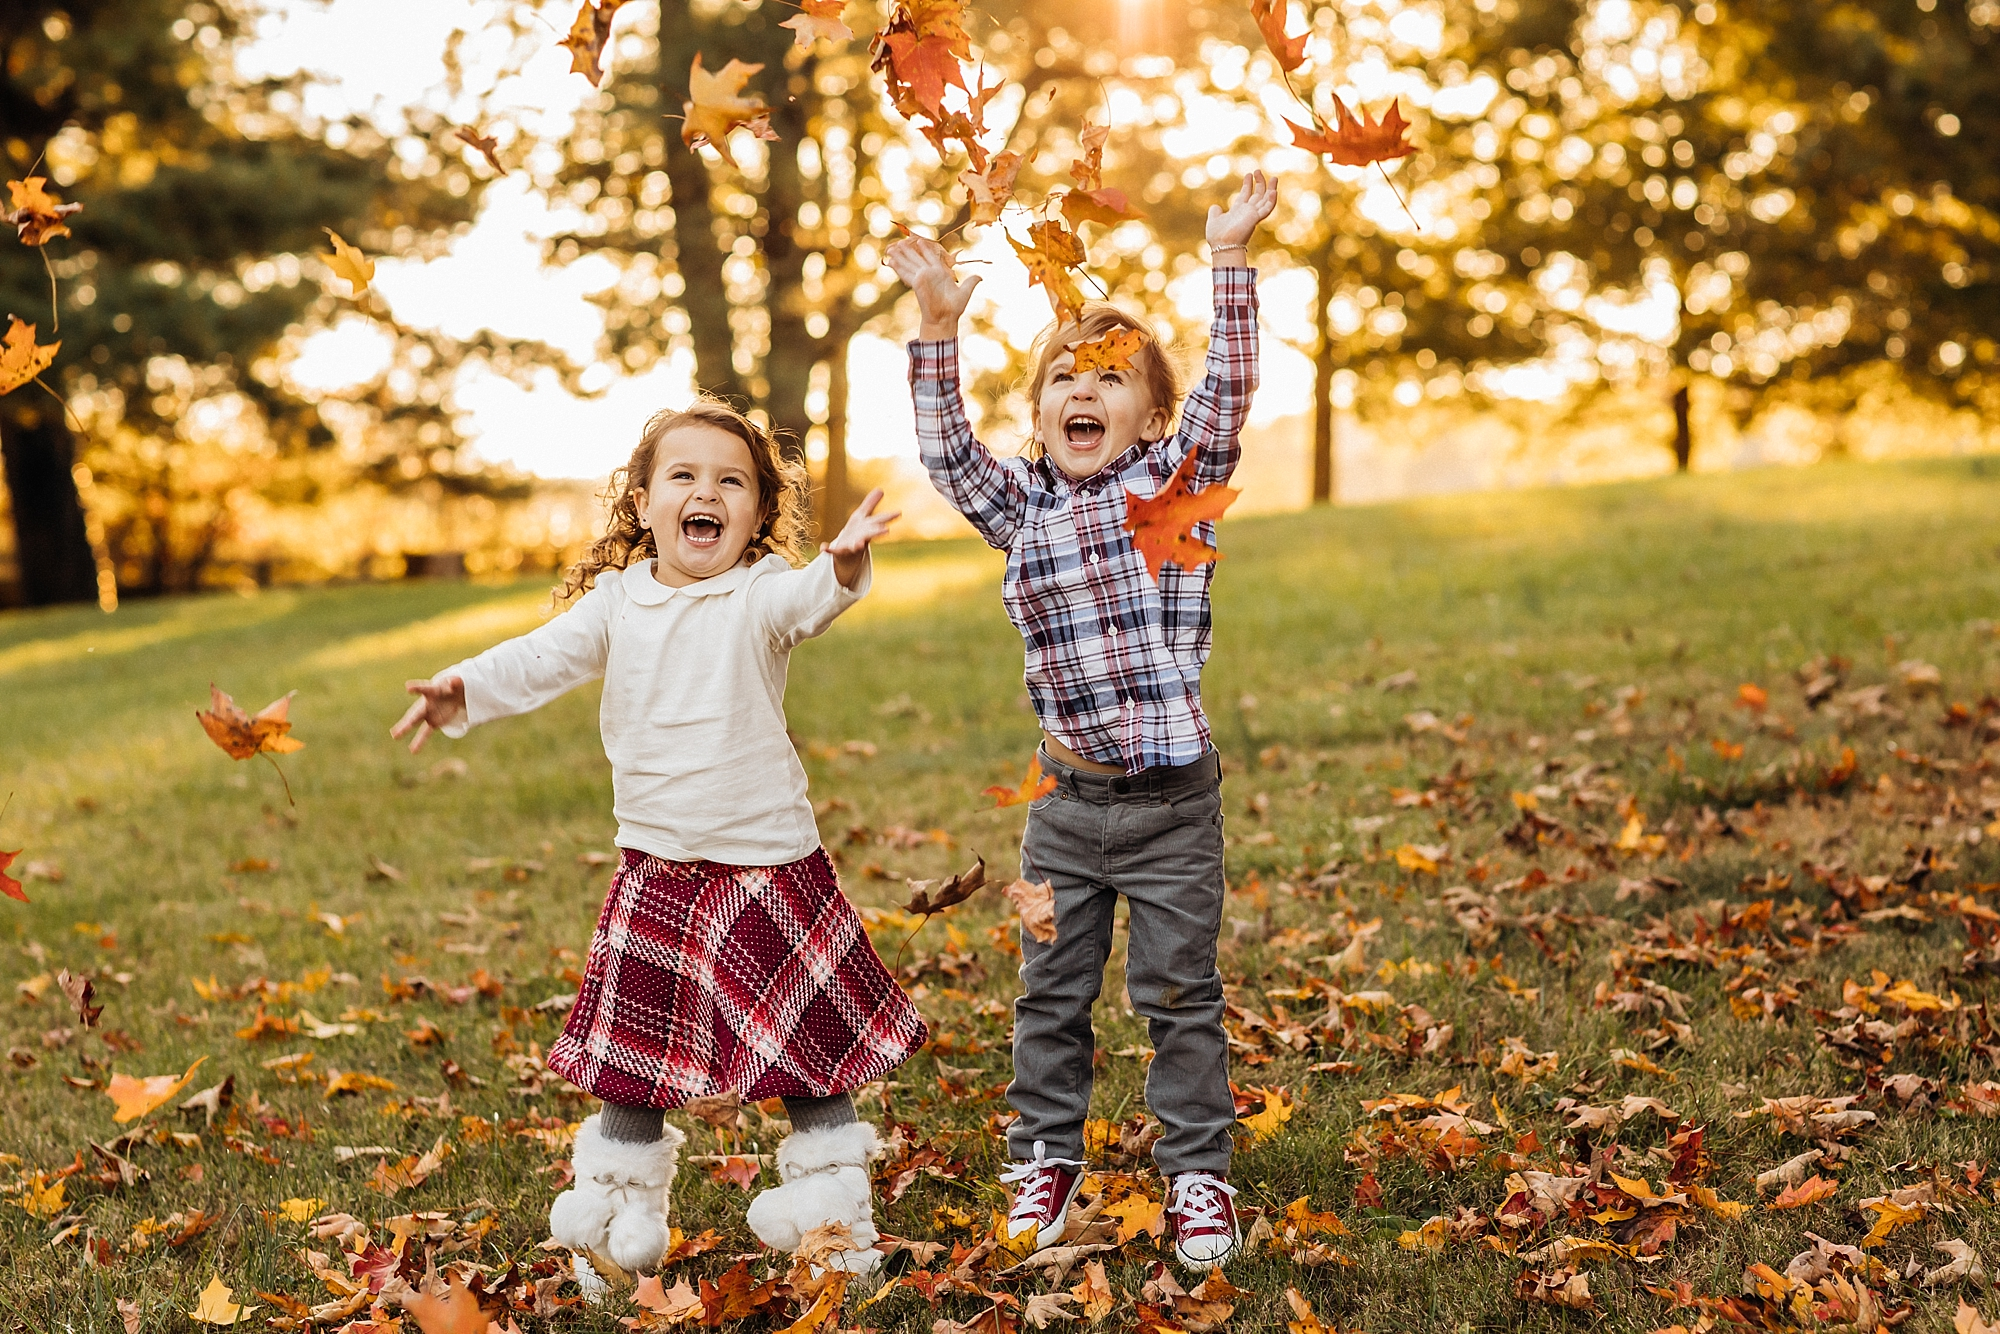 siblings throwing leaves